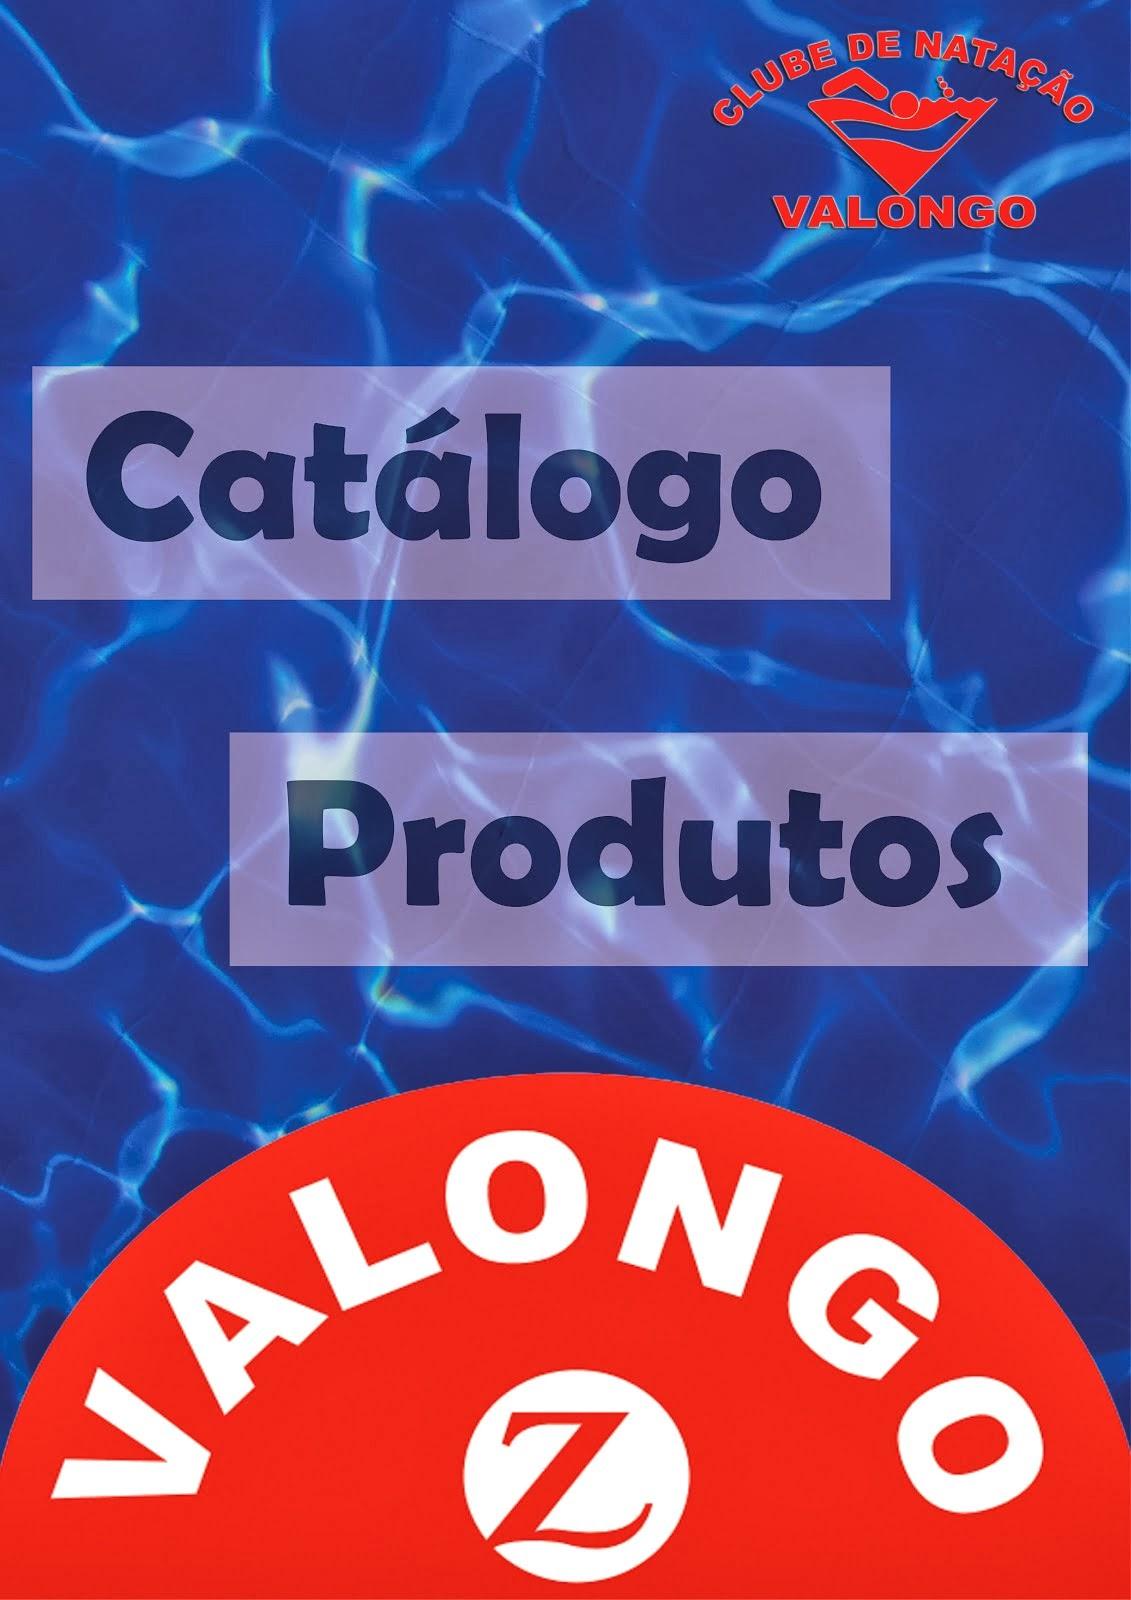 Catálogo de Produtos CNV